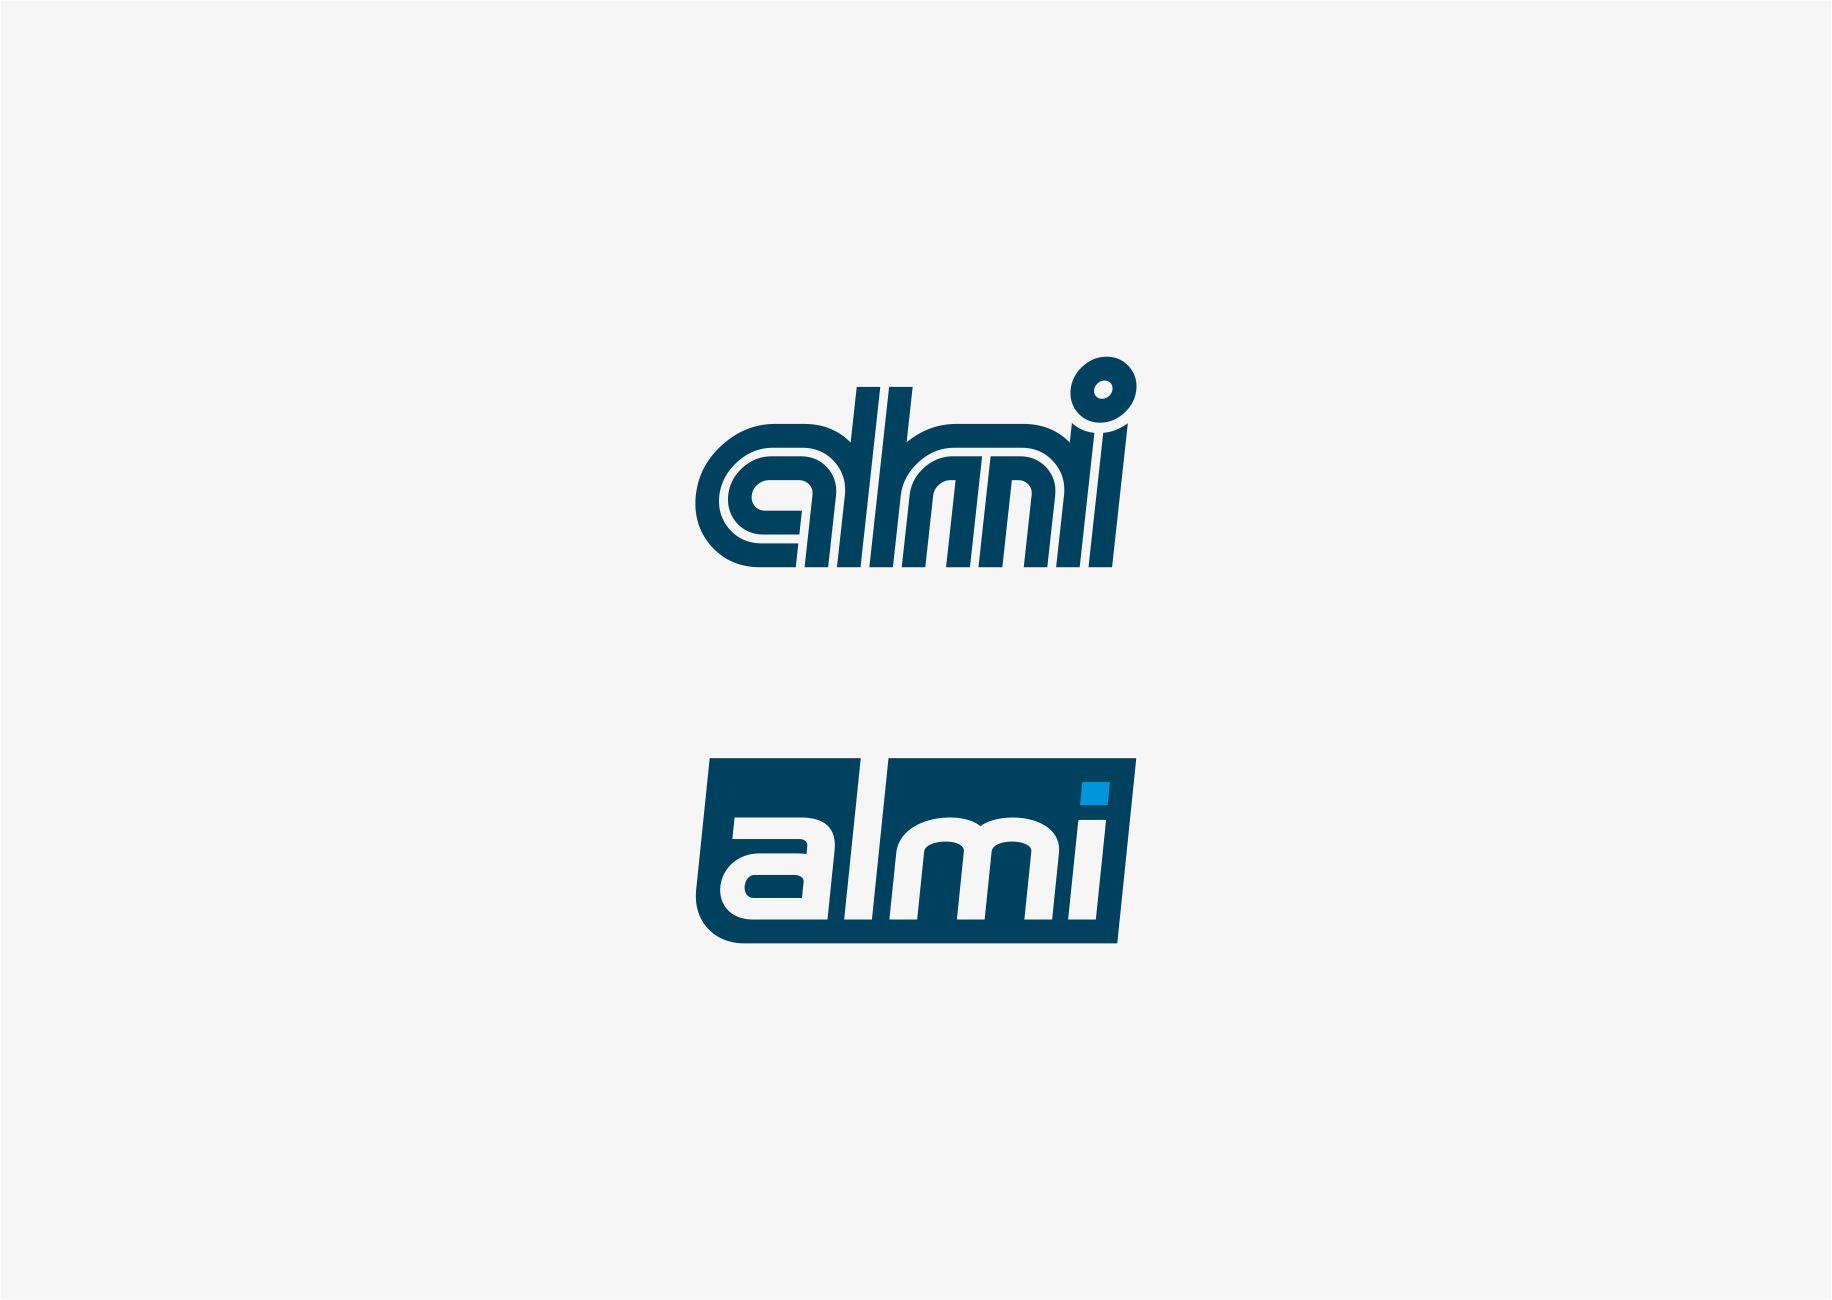 Разработка логотипа и фона фото f_924598b0f1157742.jpg